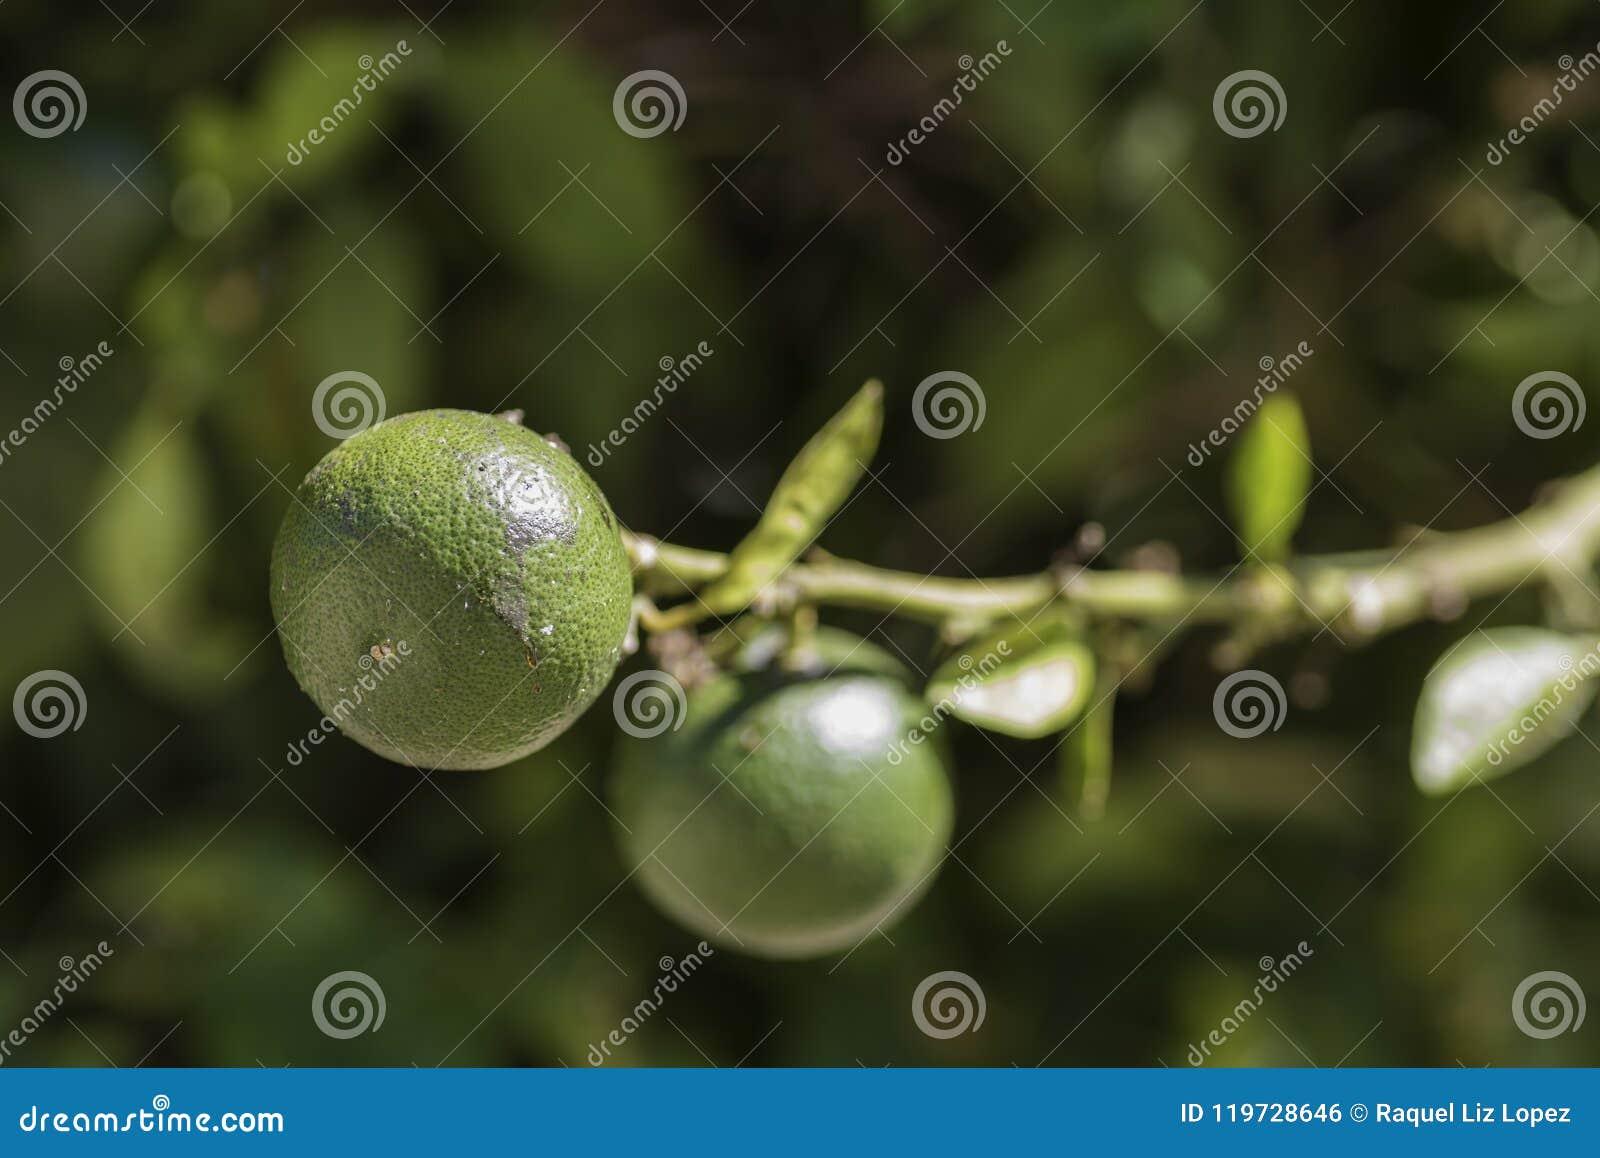 Detalhe a uma laranja verde